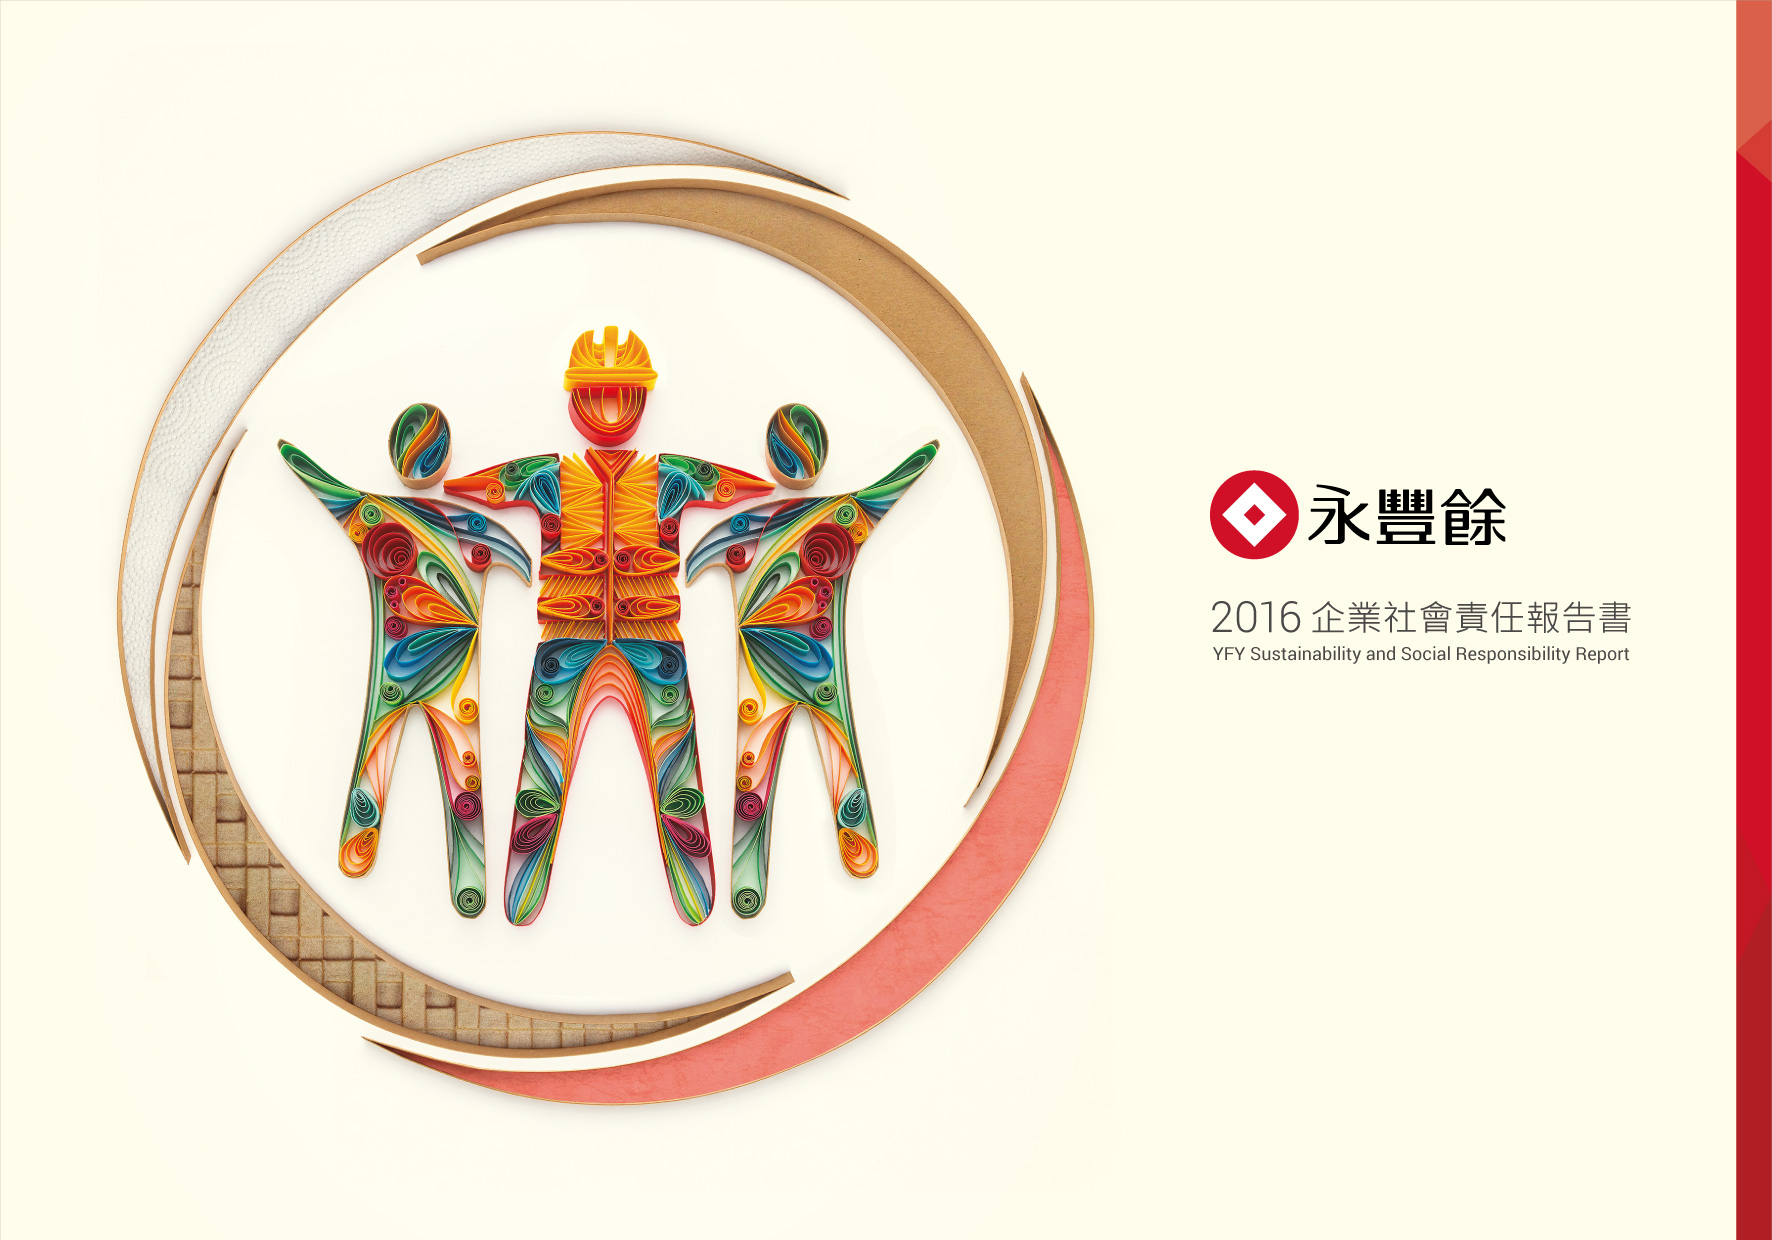 永豐餘CSR報告書 X 歐原品牌形象設計